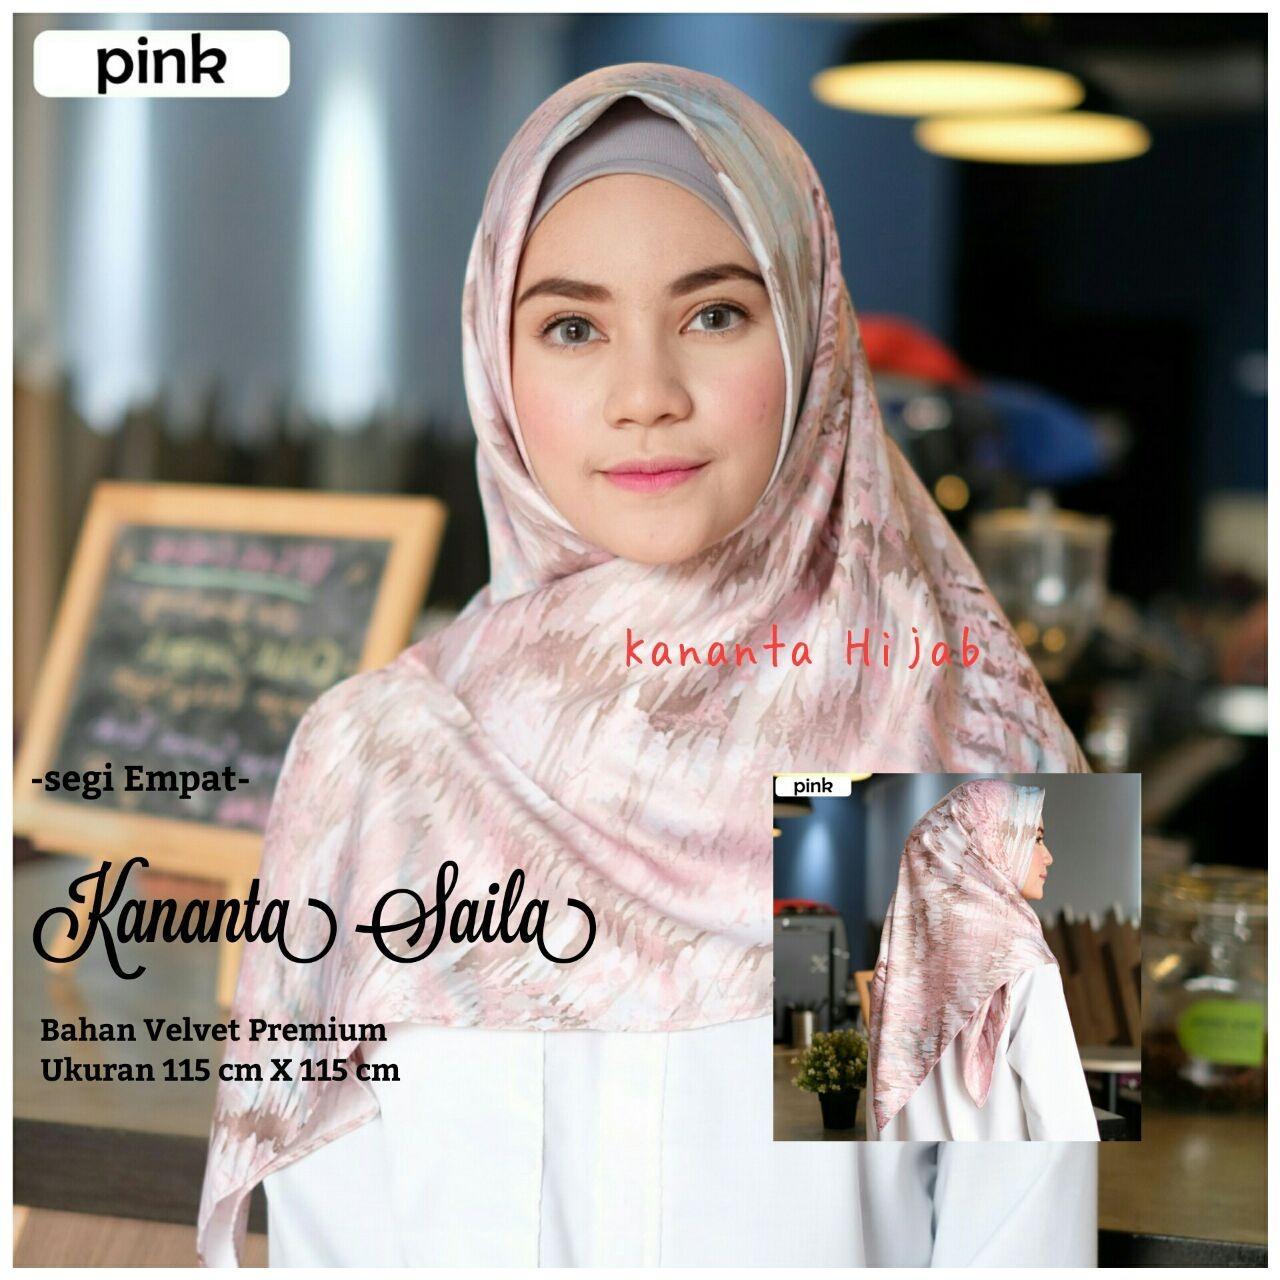 Kananta Hijab Segi Empat Motif / Jilbab Segi Empat Motif / Kerudung Segi Empat Motif / KANANTA SAILA / Bahan Kain Velvet Premium